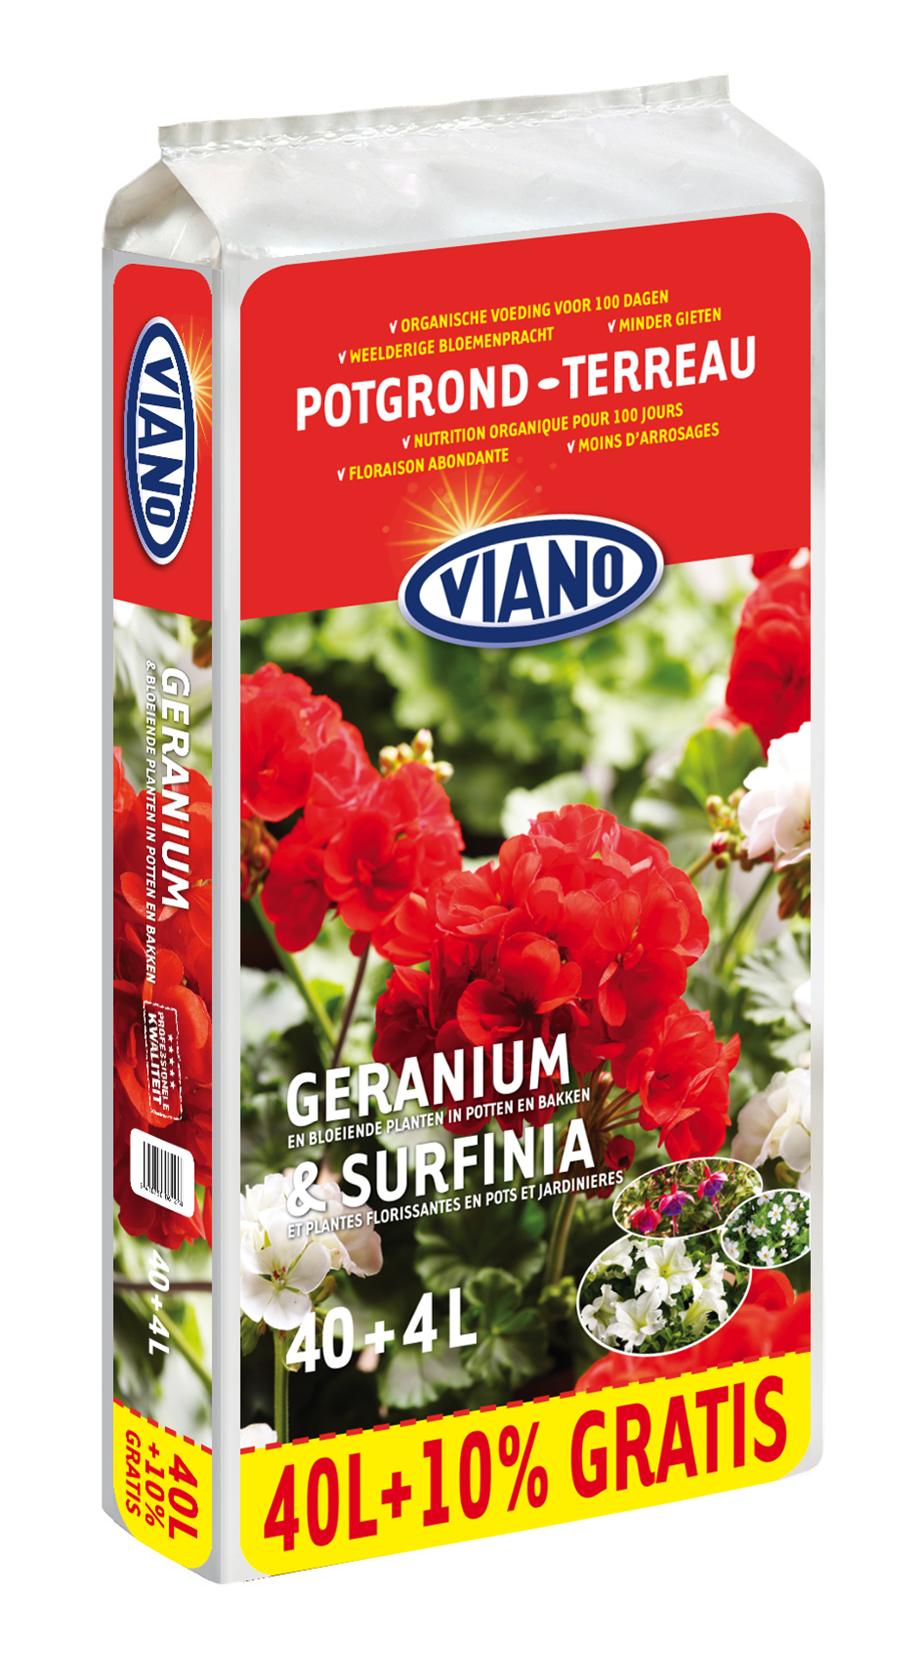 Geranium-surfinea-potgrond-40L4L-gratis